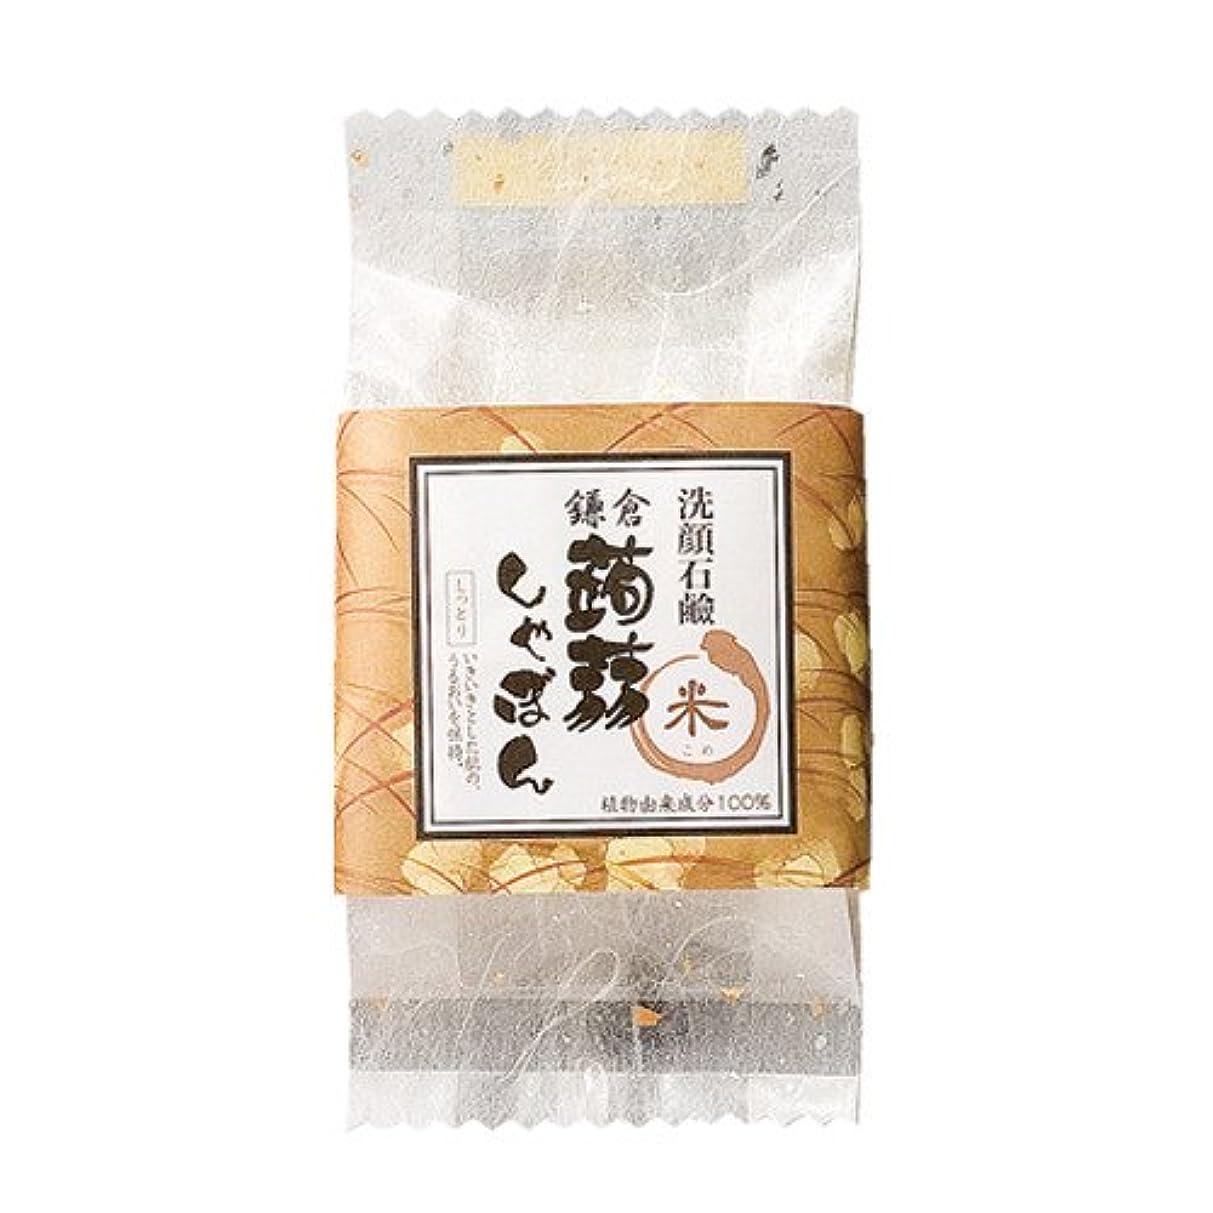 地元受信嵐鎌倉 蒟蒻しゃぼん 米